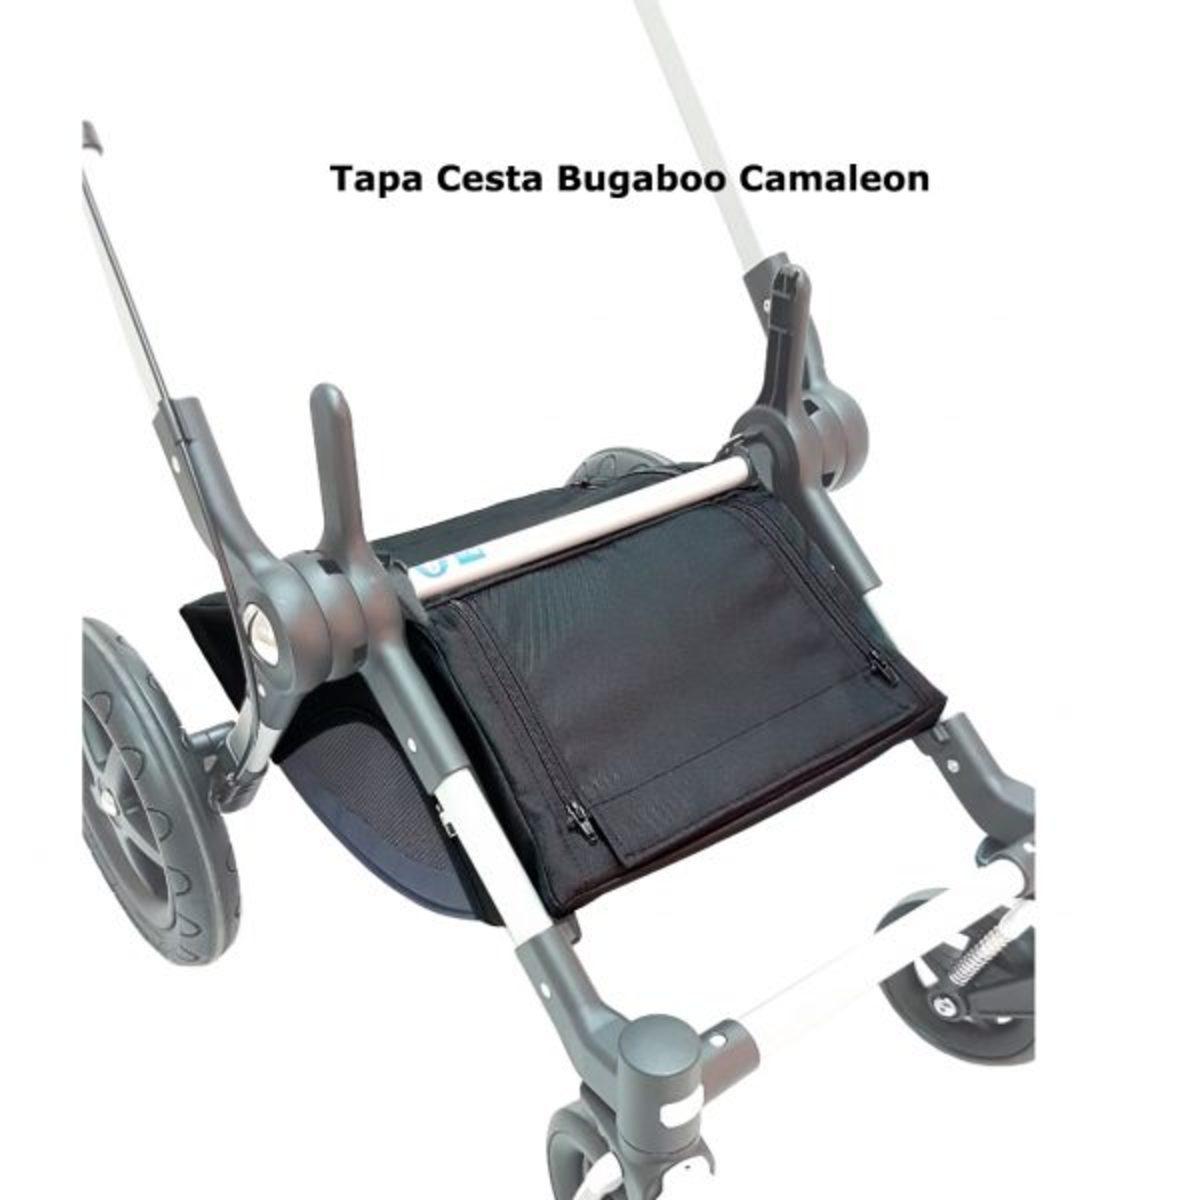 Tapa para cesta de Bugaboo Cameleon3